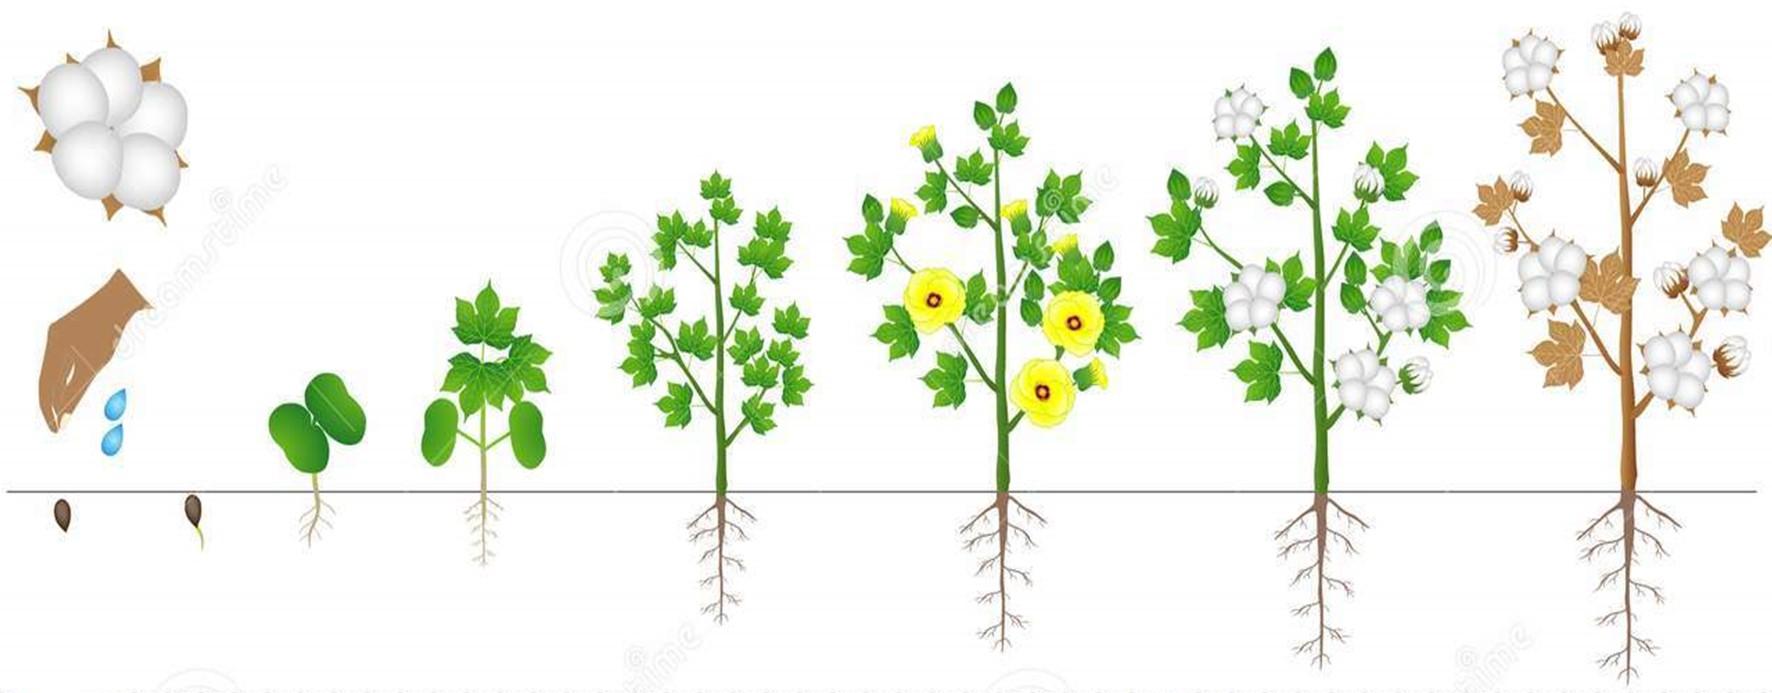 Ciclo vegetativo do Algodão